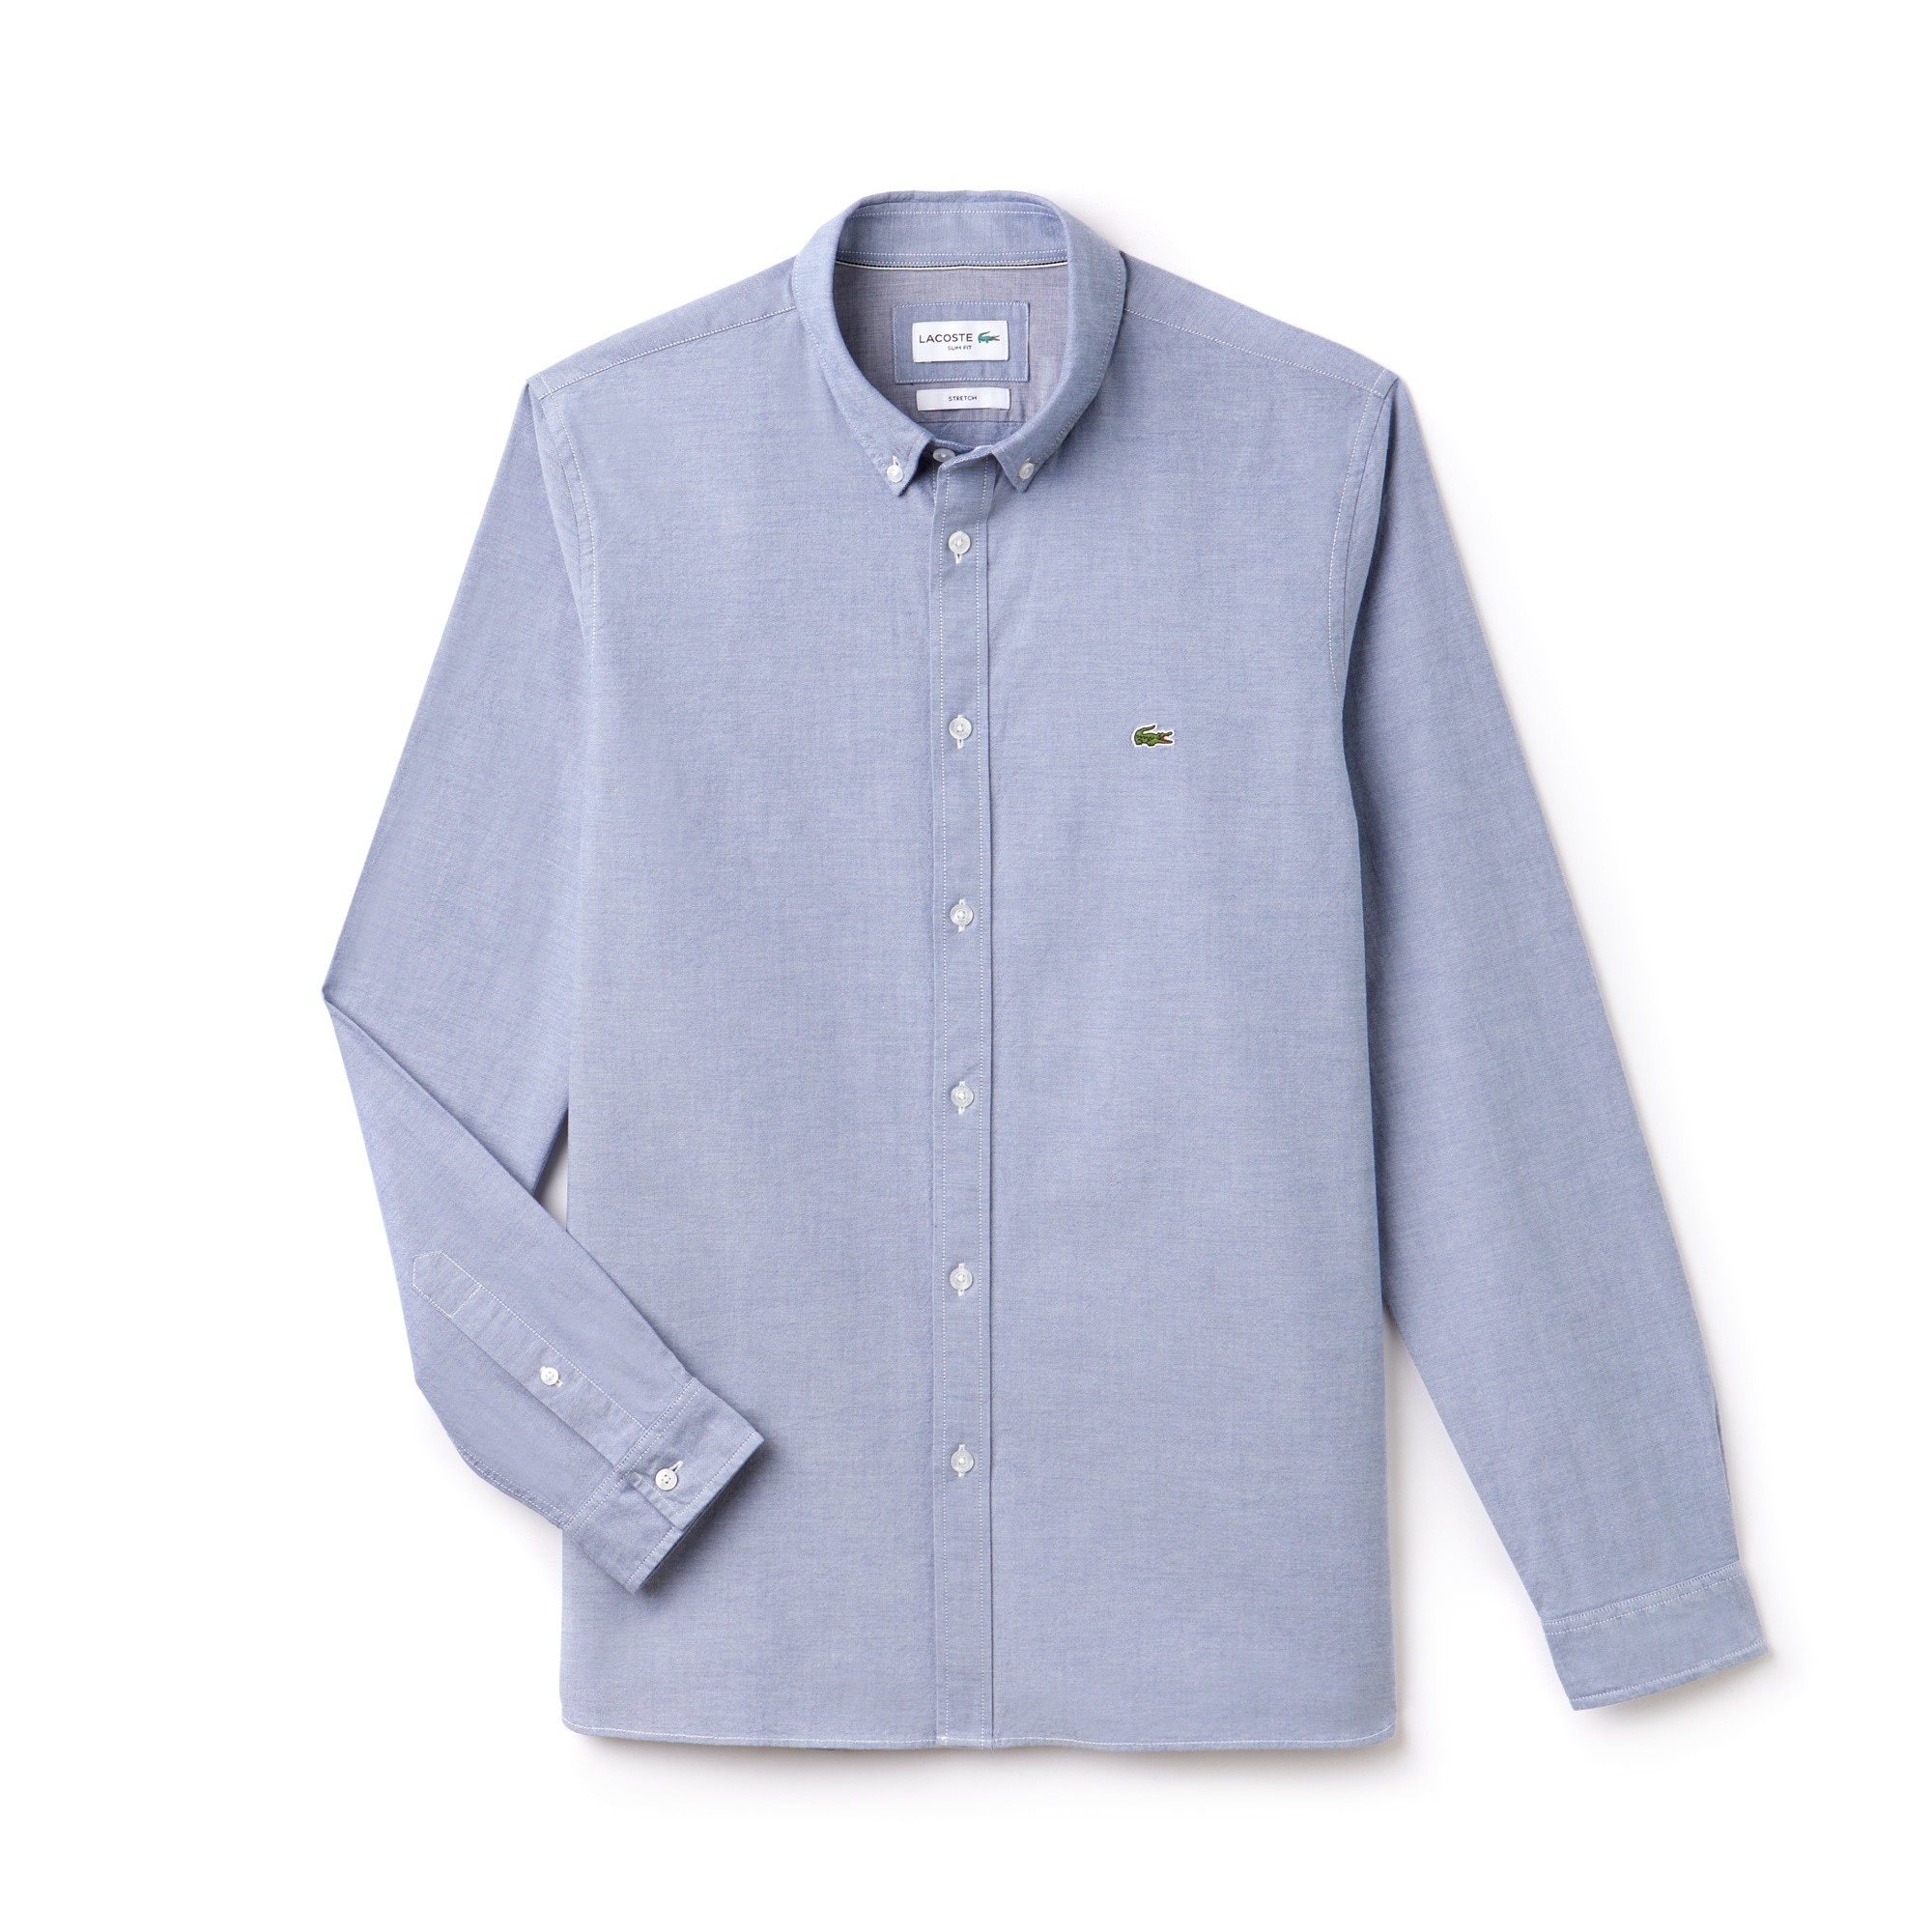 라코스테 Lacoste Mens Slim Fit Stretch Oxford Cotton Shirt,blue